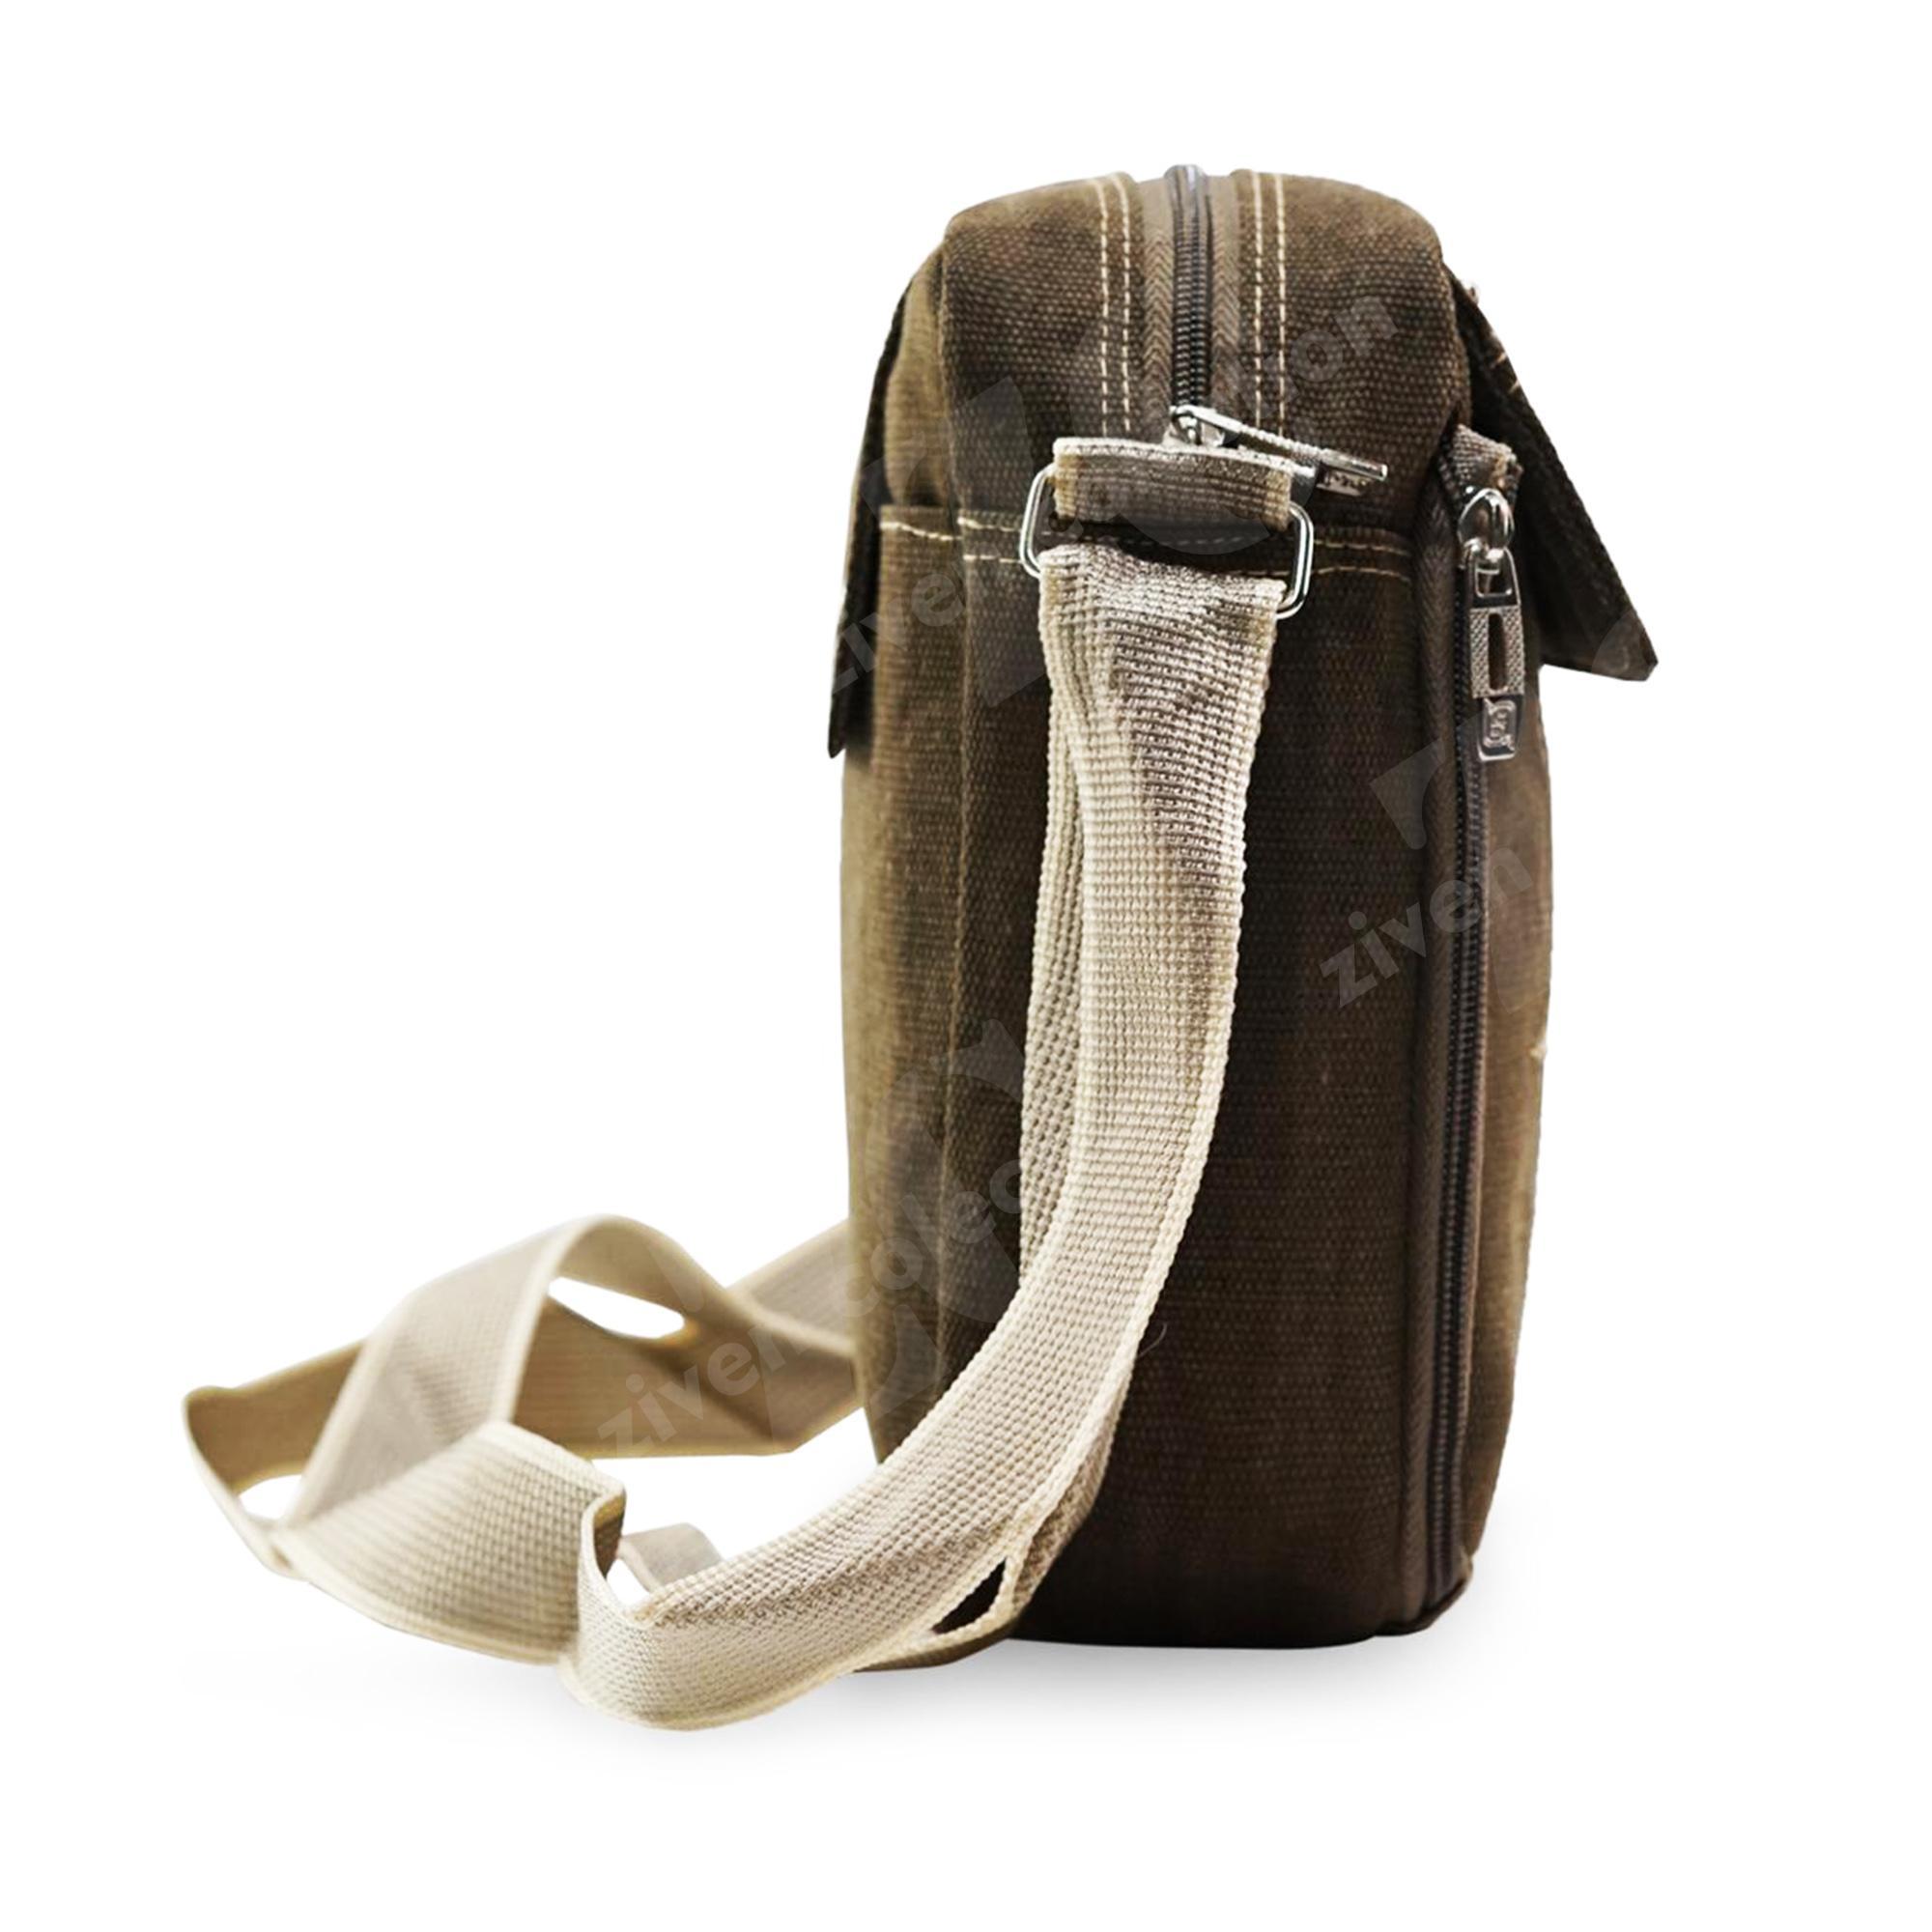 ... Tas Pria Men Baepack 1508 Vintage Canvas Multifunction Travel Satchel Messenger Shoulder Bag - 3 ...